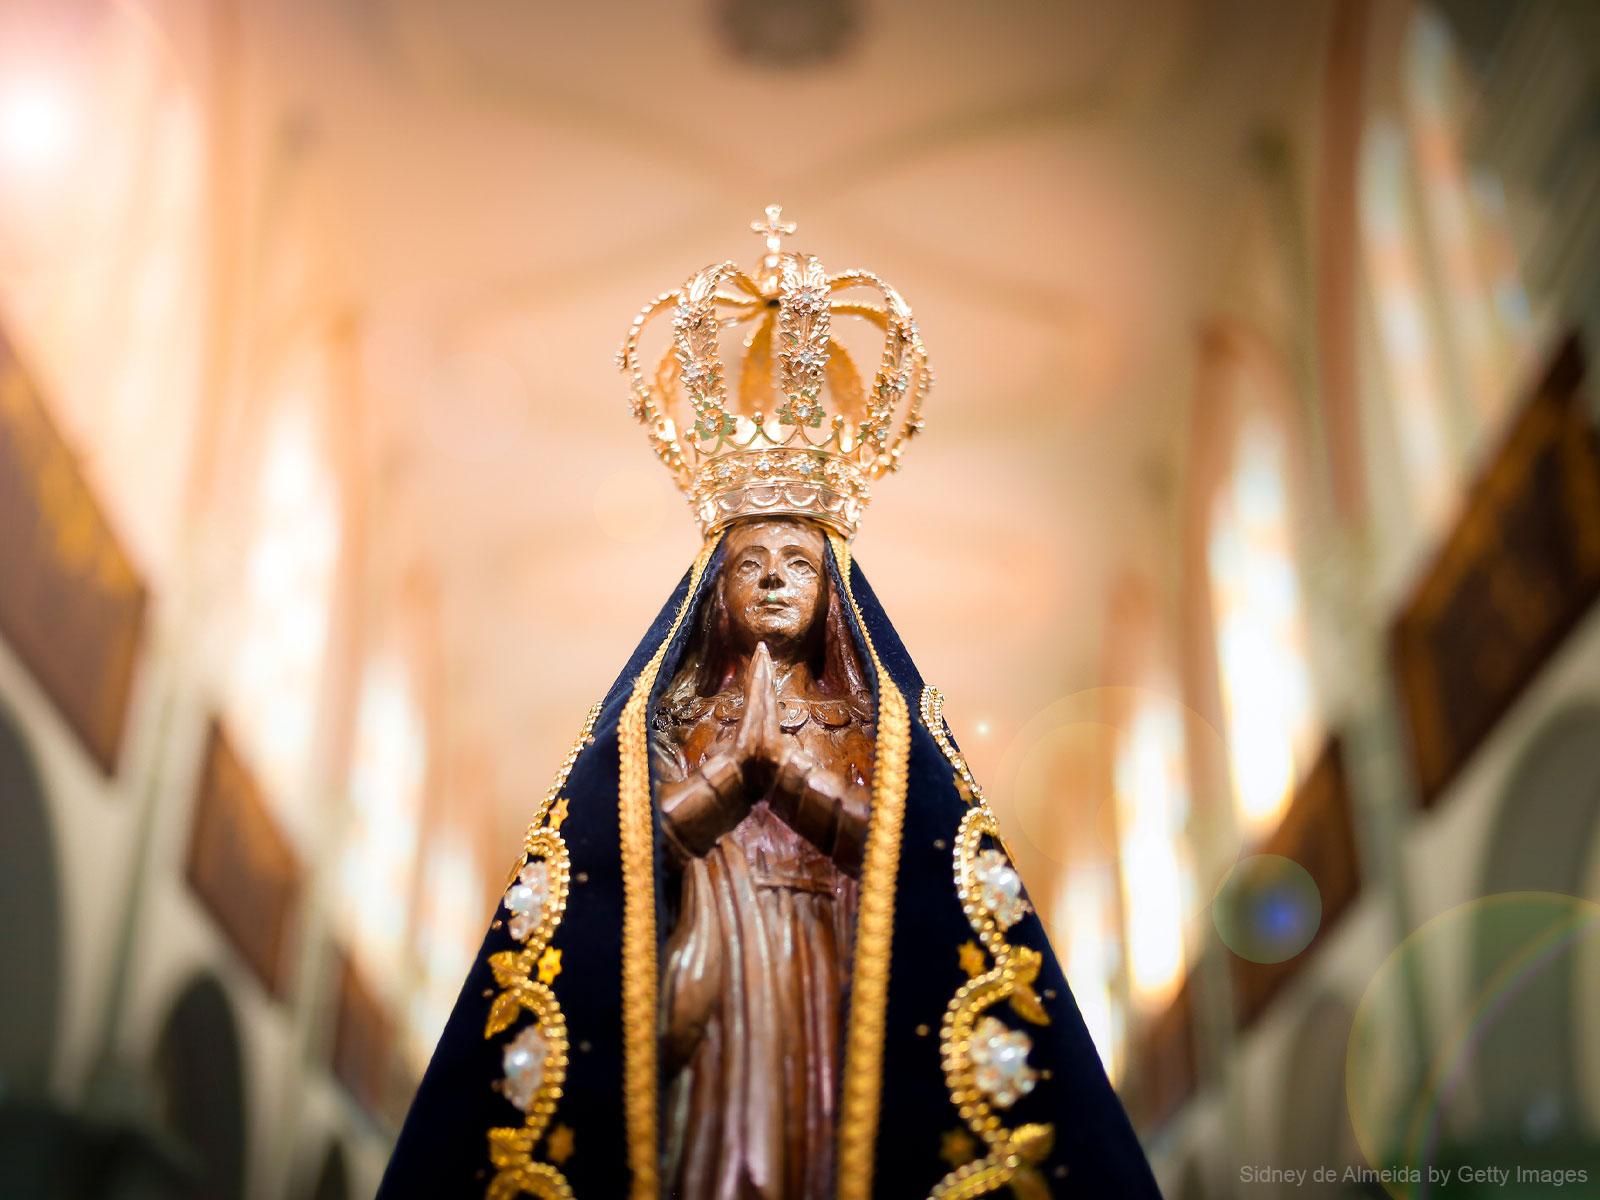 Maria-é-a-chave-do-nosso-encontro-pessoal-com-Deus